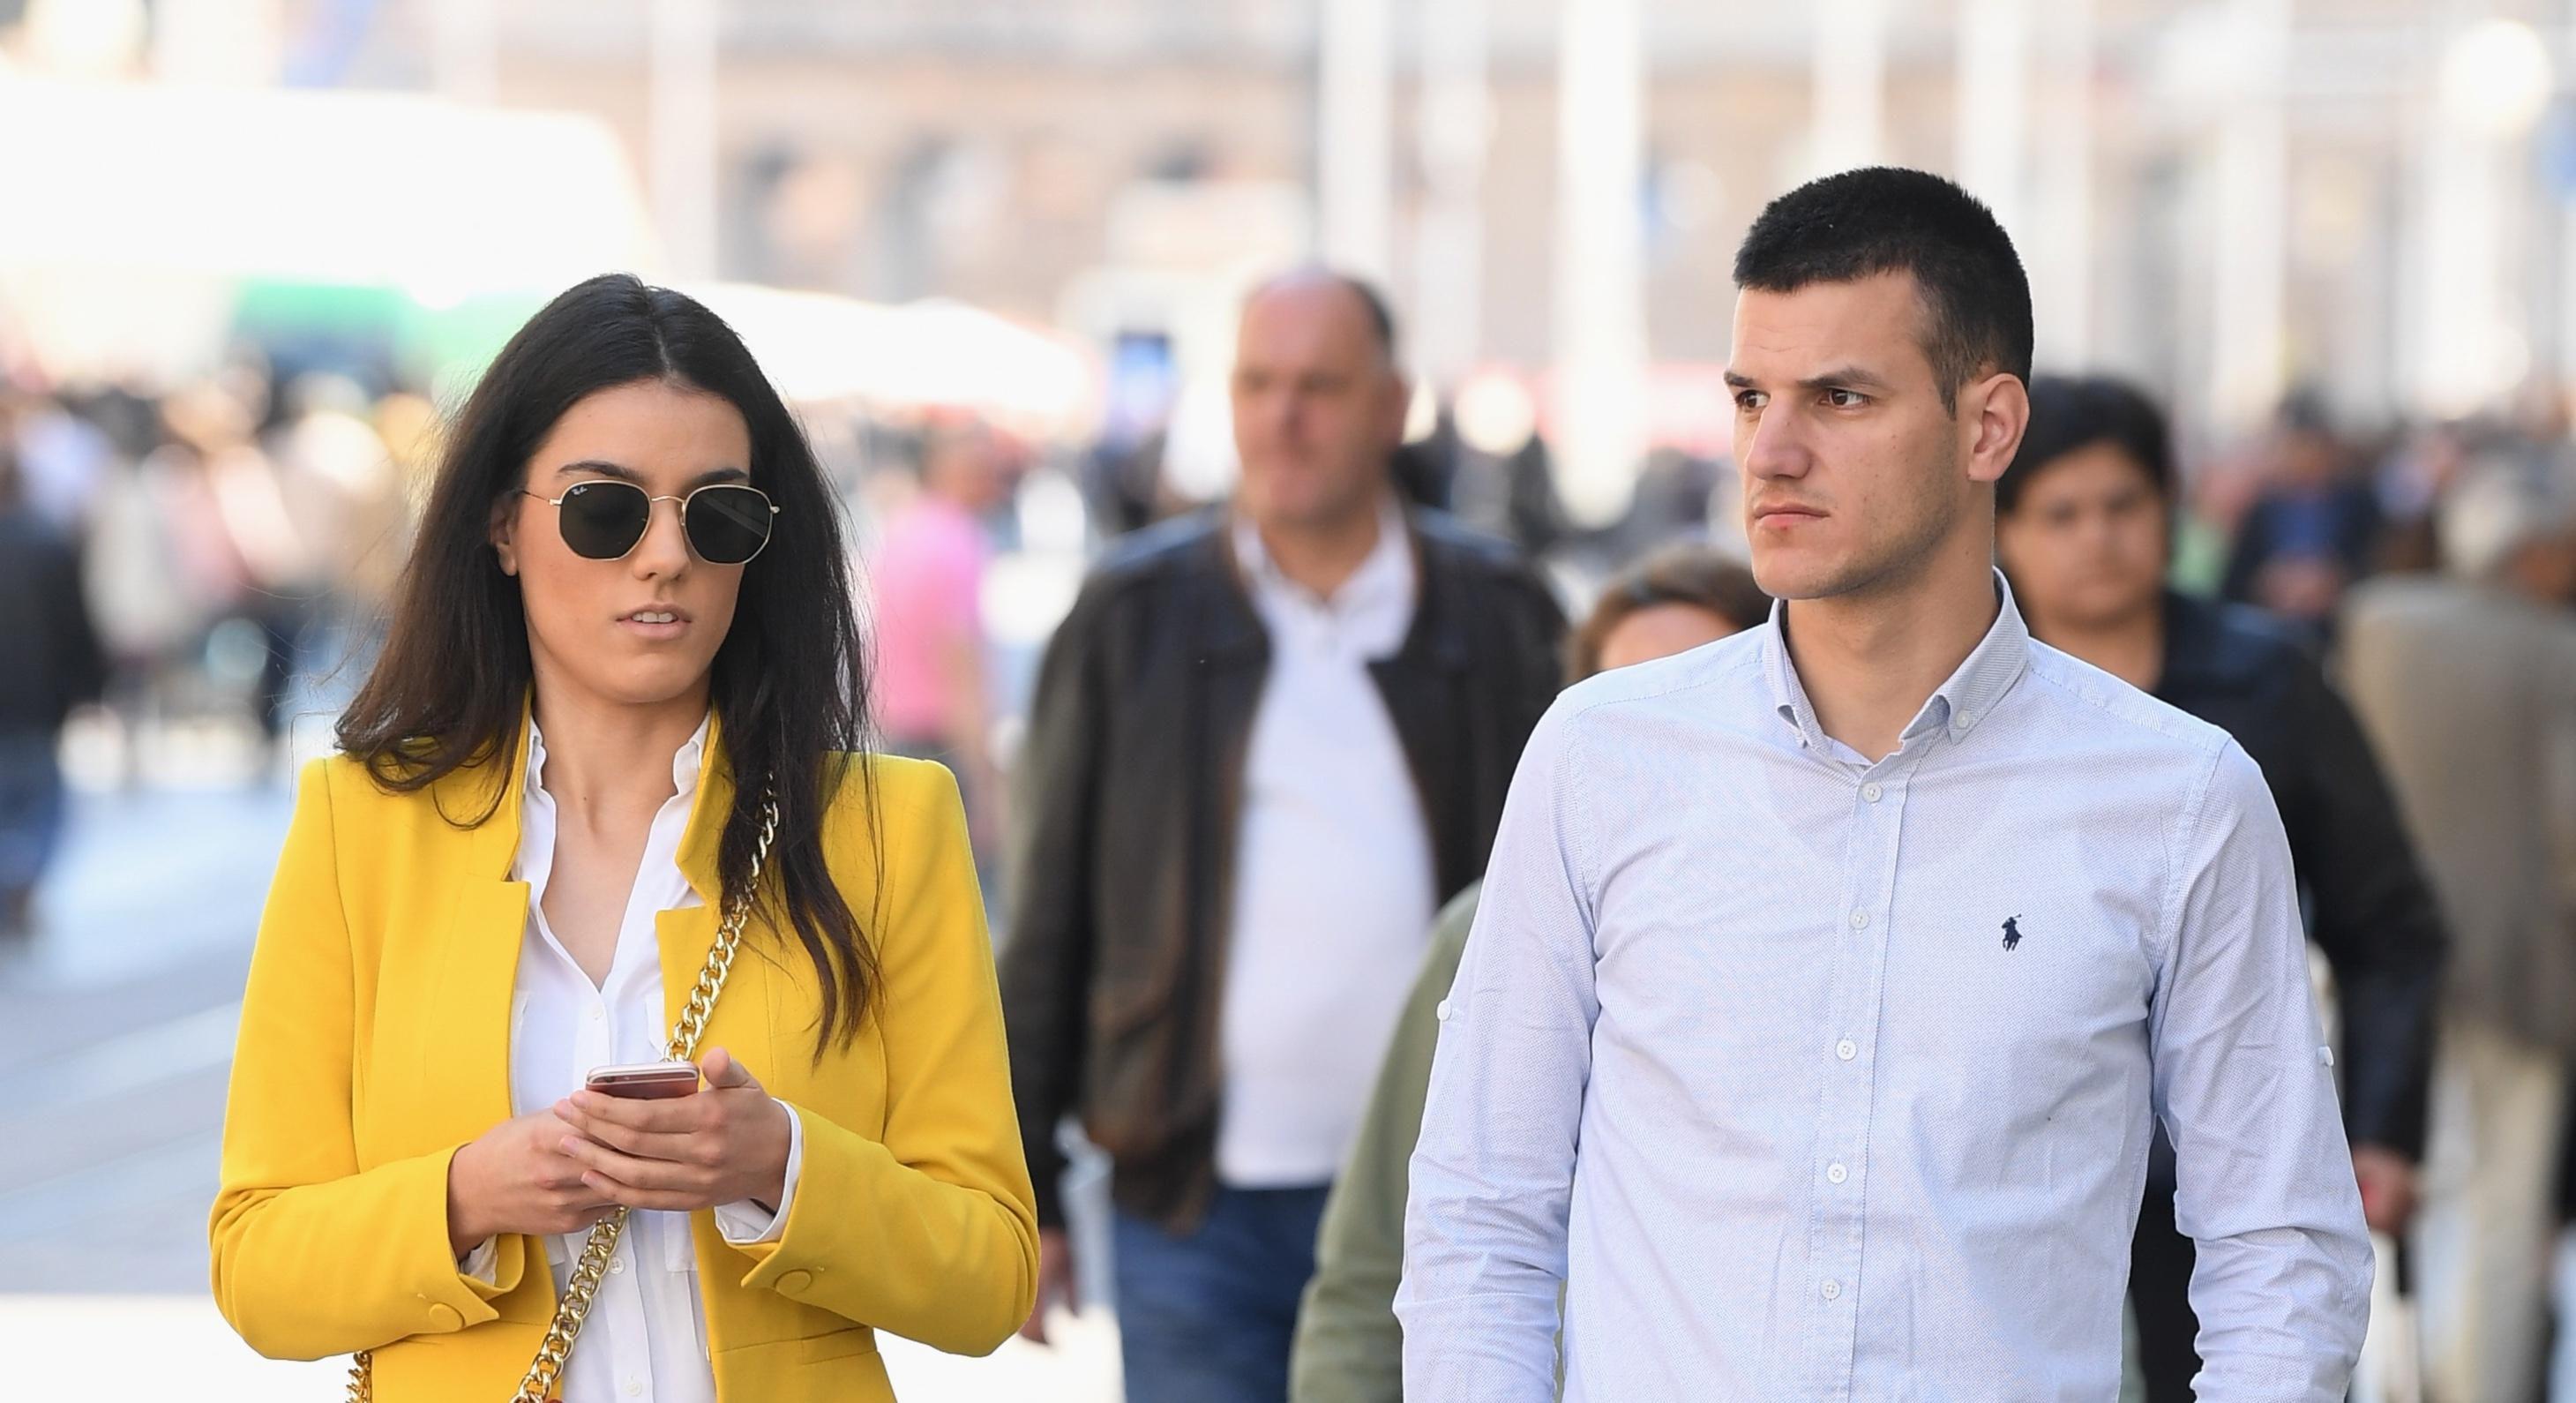 Par iz centra Zagreba pravi je dokaz da klasika nikada ne izlazi iz mode